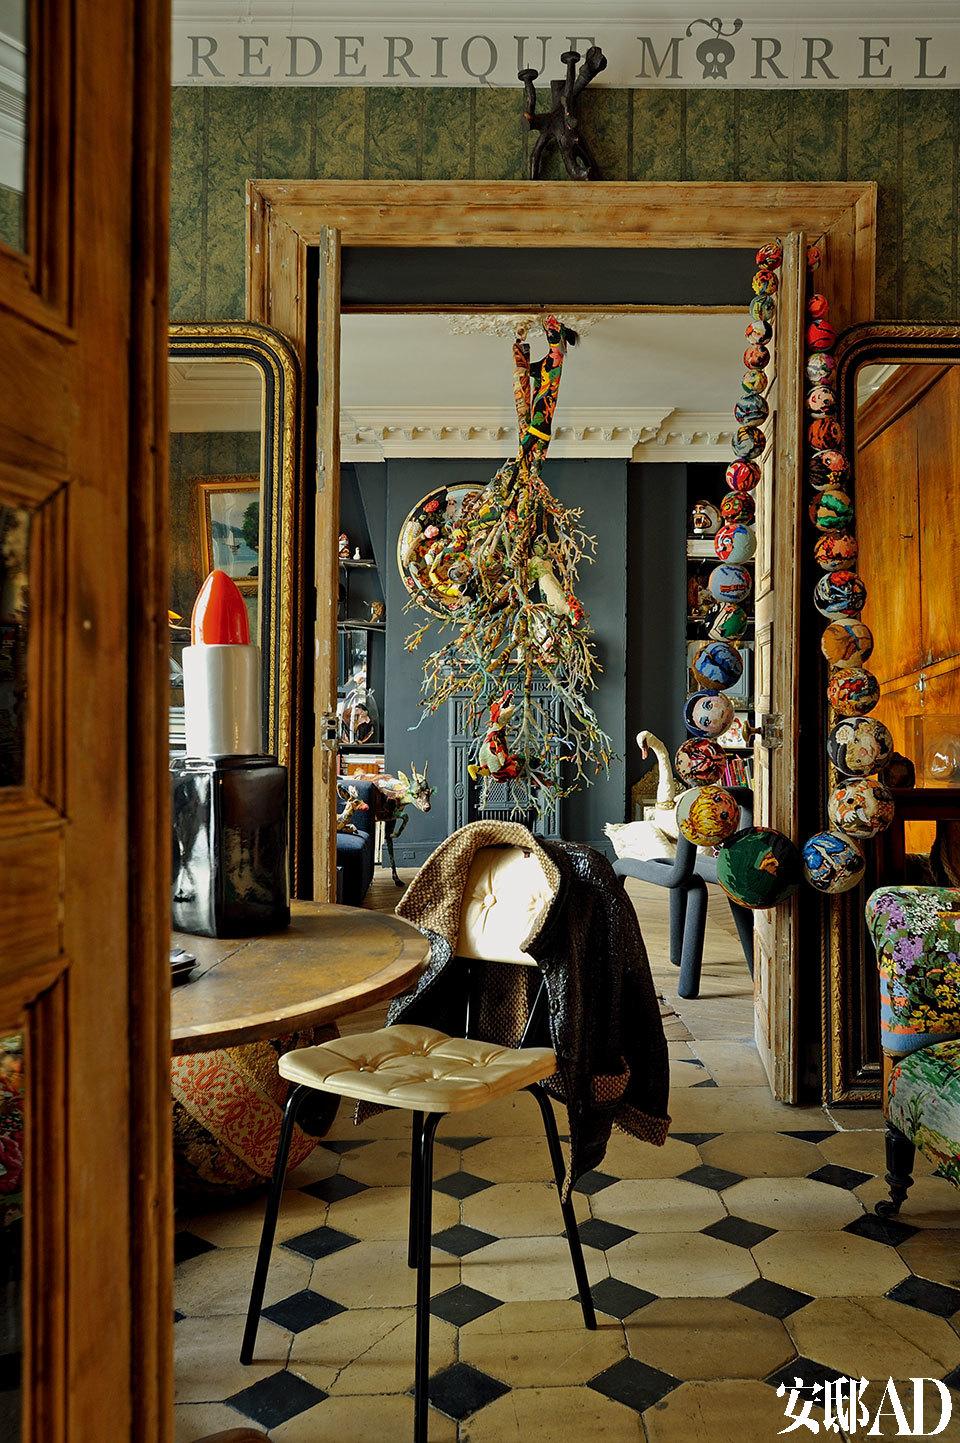 """书房与客厅相连,拉大比例的装饰品让人如坠爱丽丝的兔子洞,看到一片童话场景。紧挨着客厅的是书房,木质圆桌上摆放着一只巨大的口红模型,是女主人淘来的古董,曾经是用来做广告的展示品。右边,门框上挂着巨型串珠""""项链"""",仔细观察其表面织品,用的是一种土耳其的针织方法。"""